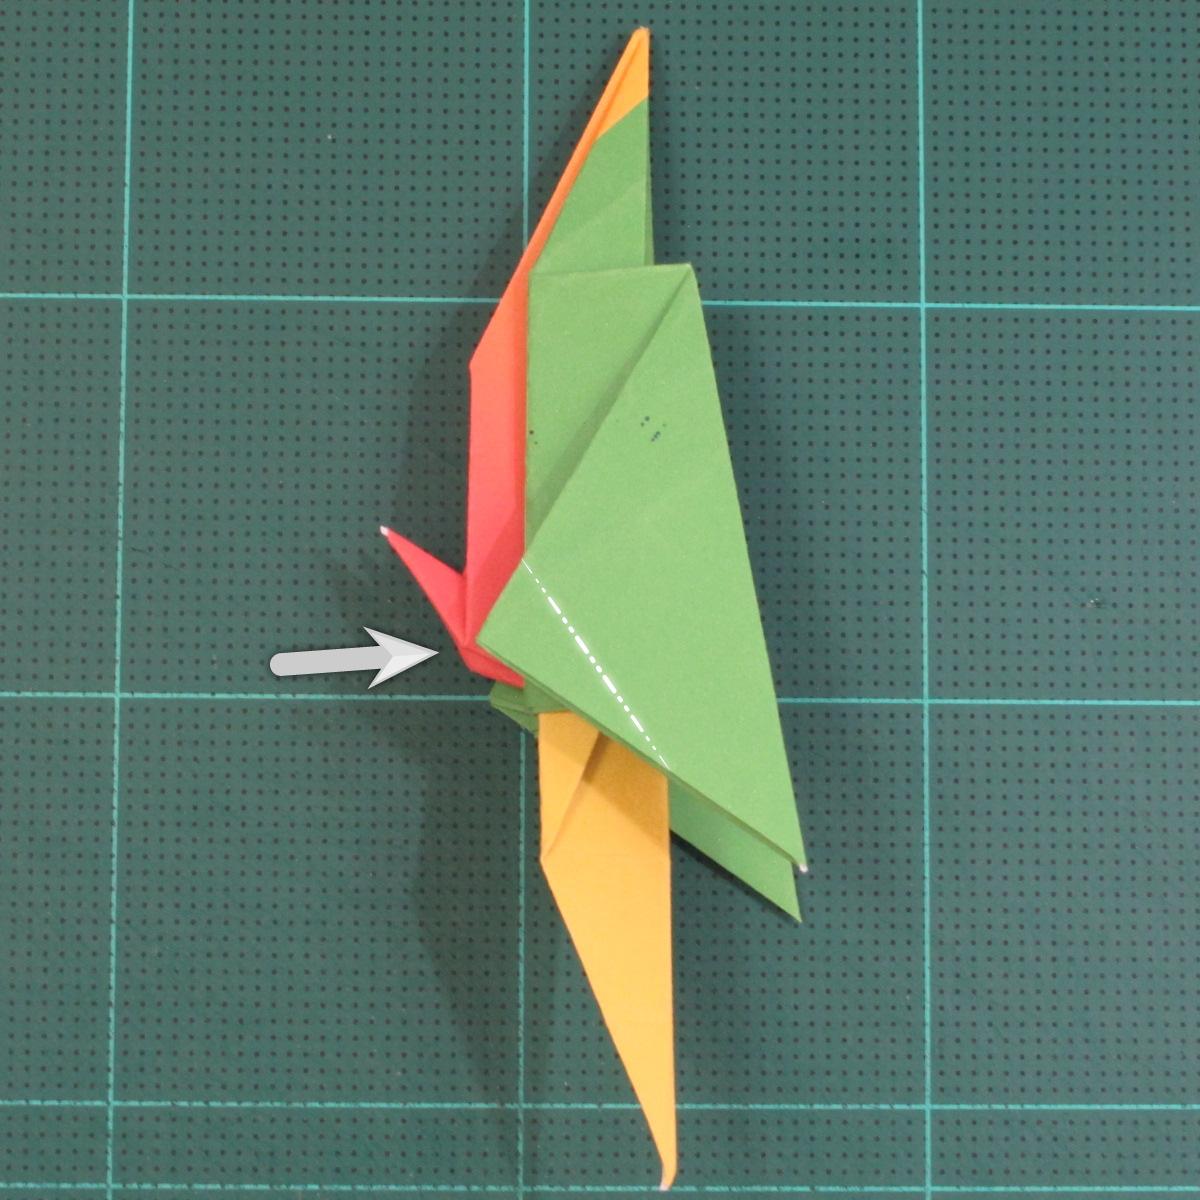 วิธีพับกระดาษเป็นรูปนกแก้ว (Origami Parrot) 031